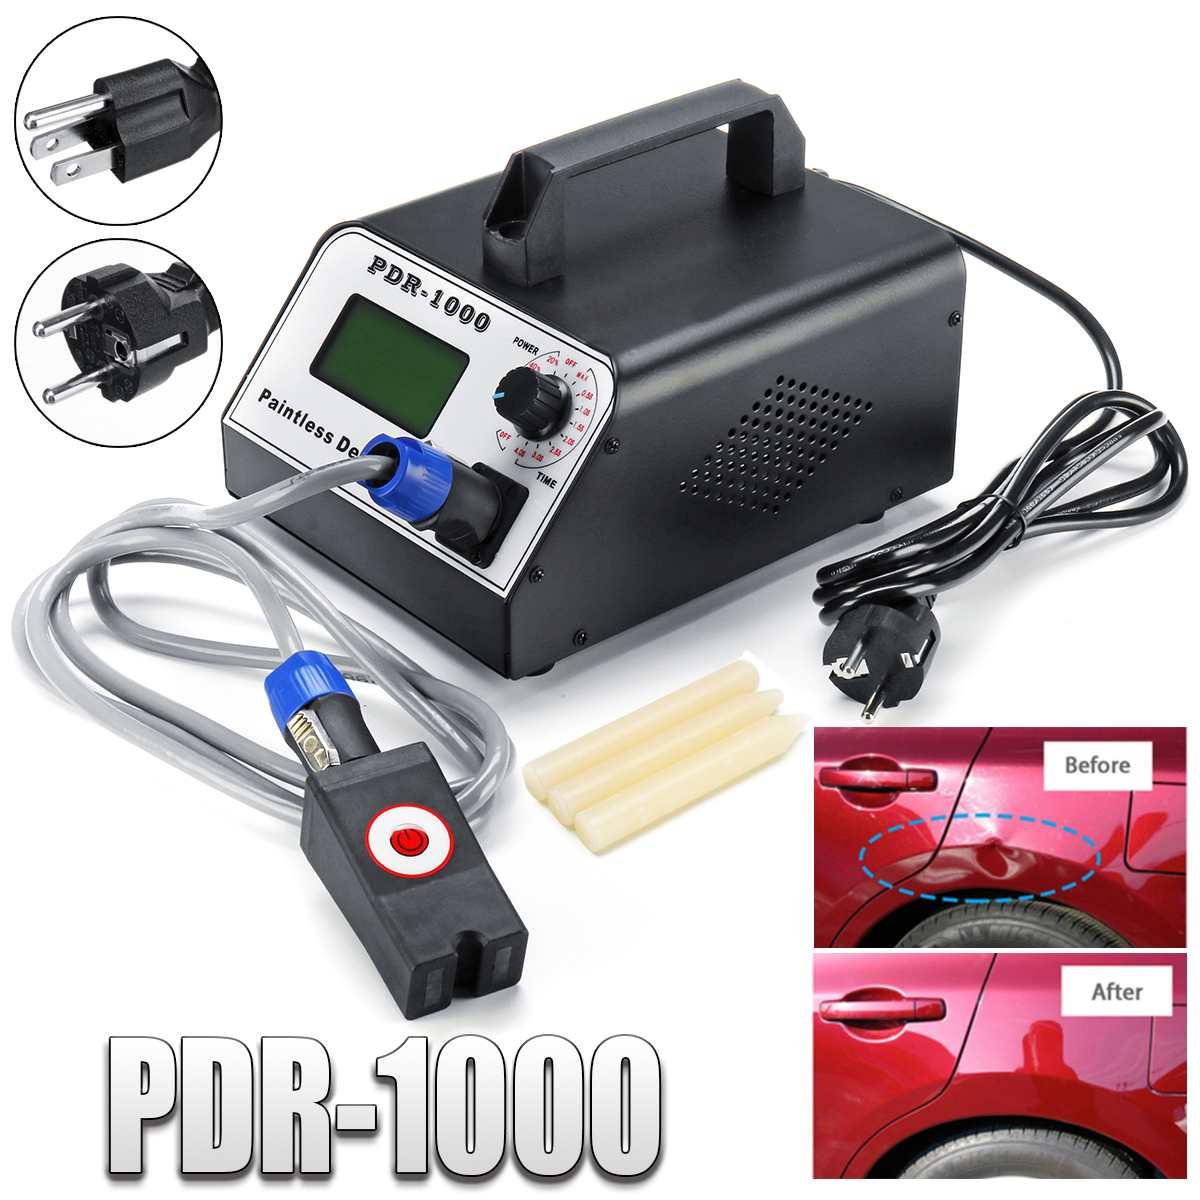 Dissolvant de réparation de Dent sans peinture de voiture de chauffage d'induction pour enlever des Dents ensemble d'outil de boîte chaude de 220 V/110 V 1000 W pour la réparation de carrosserie de voiture